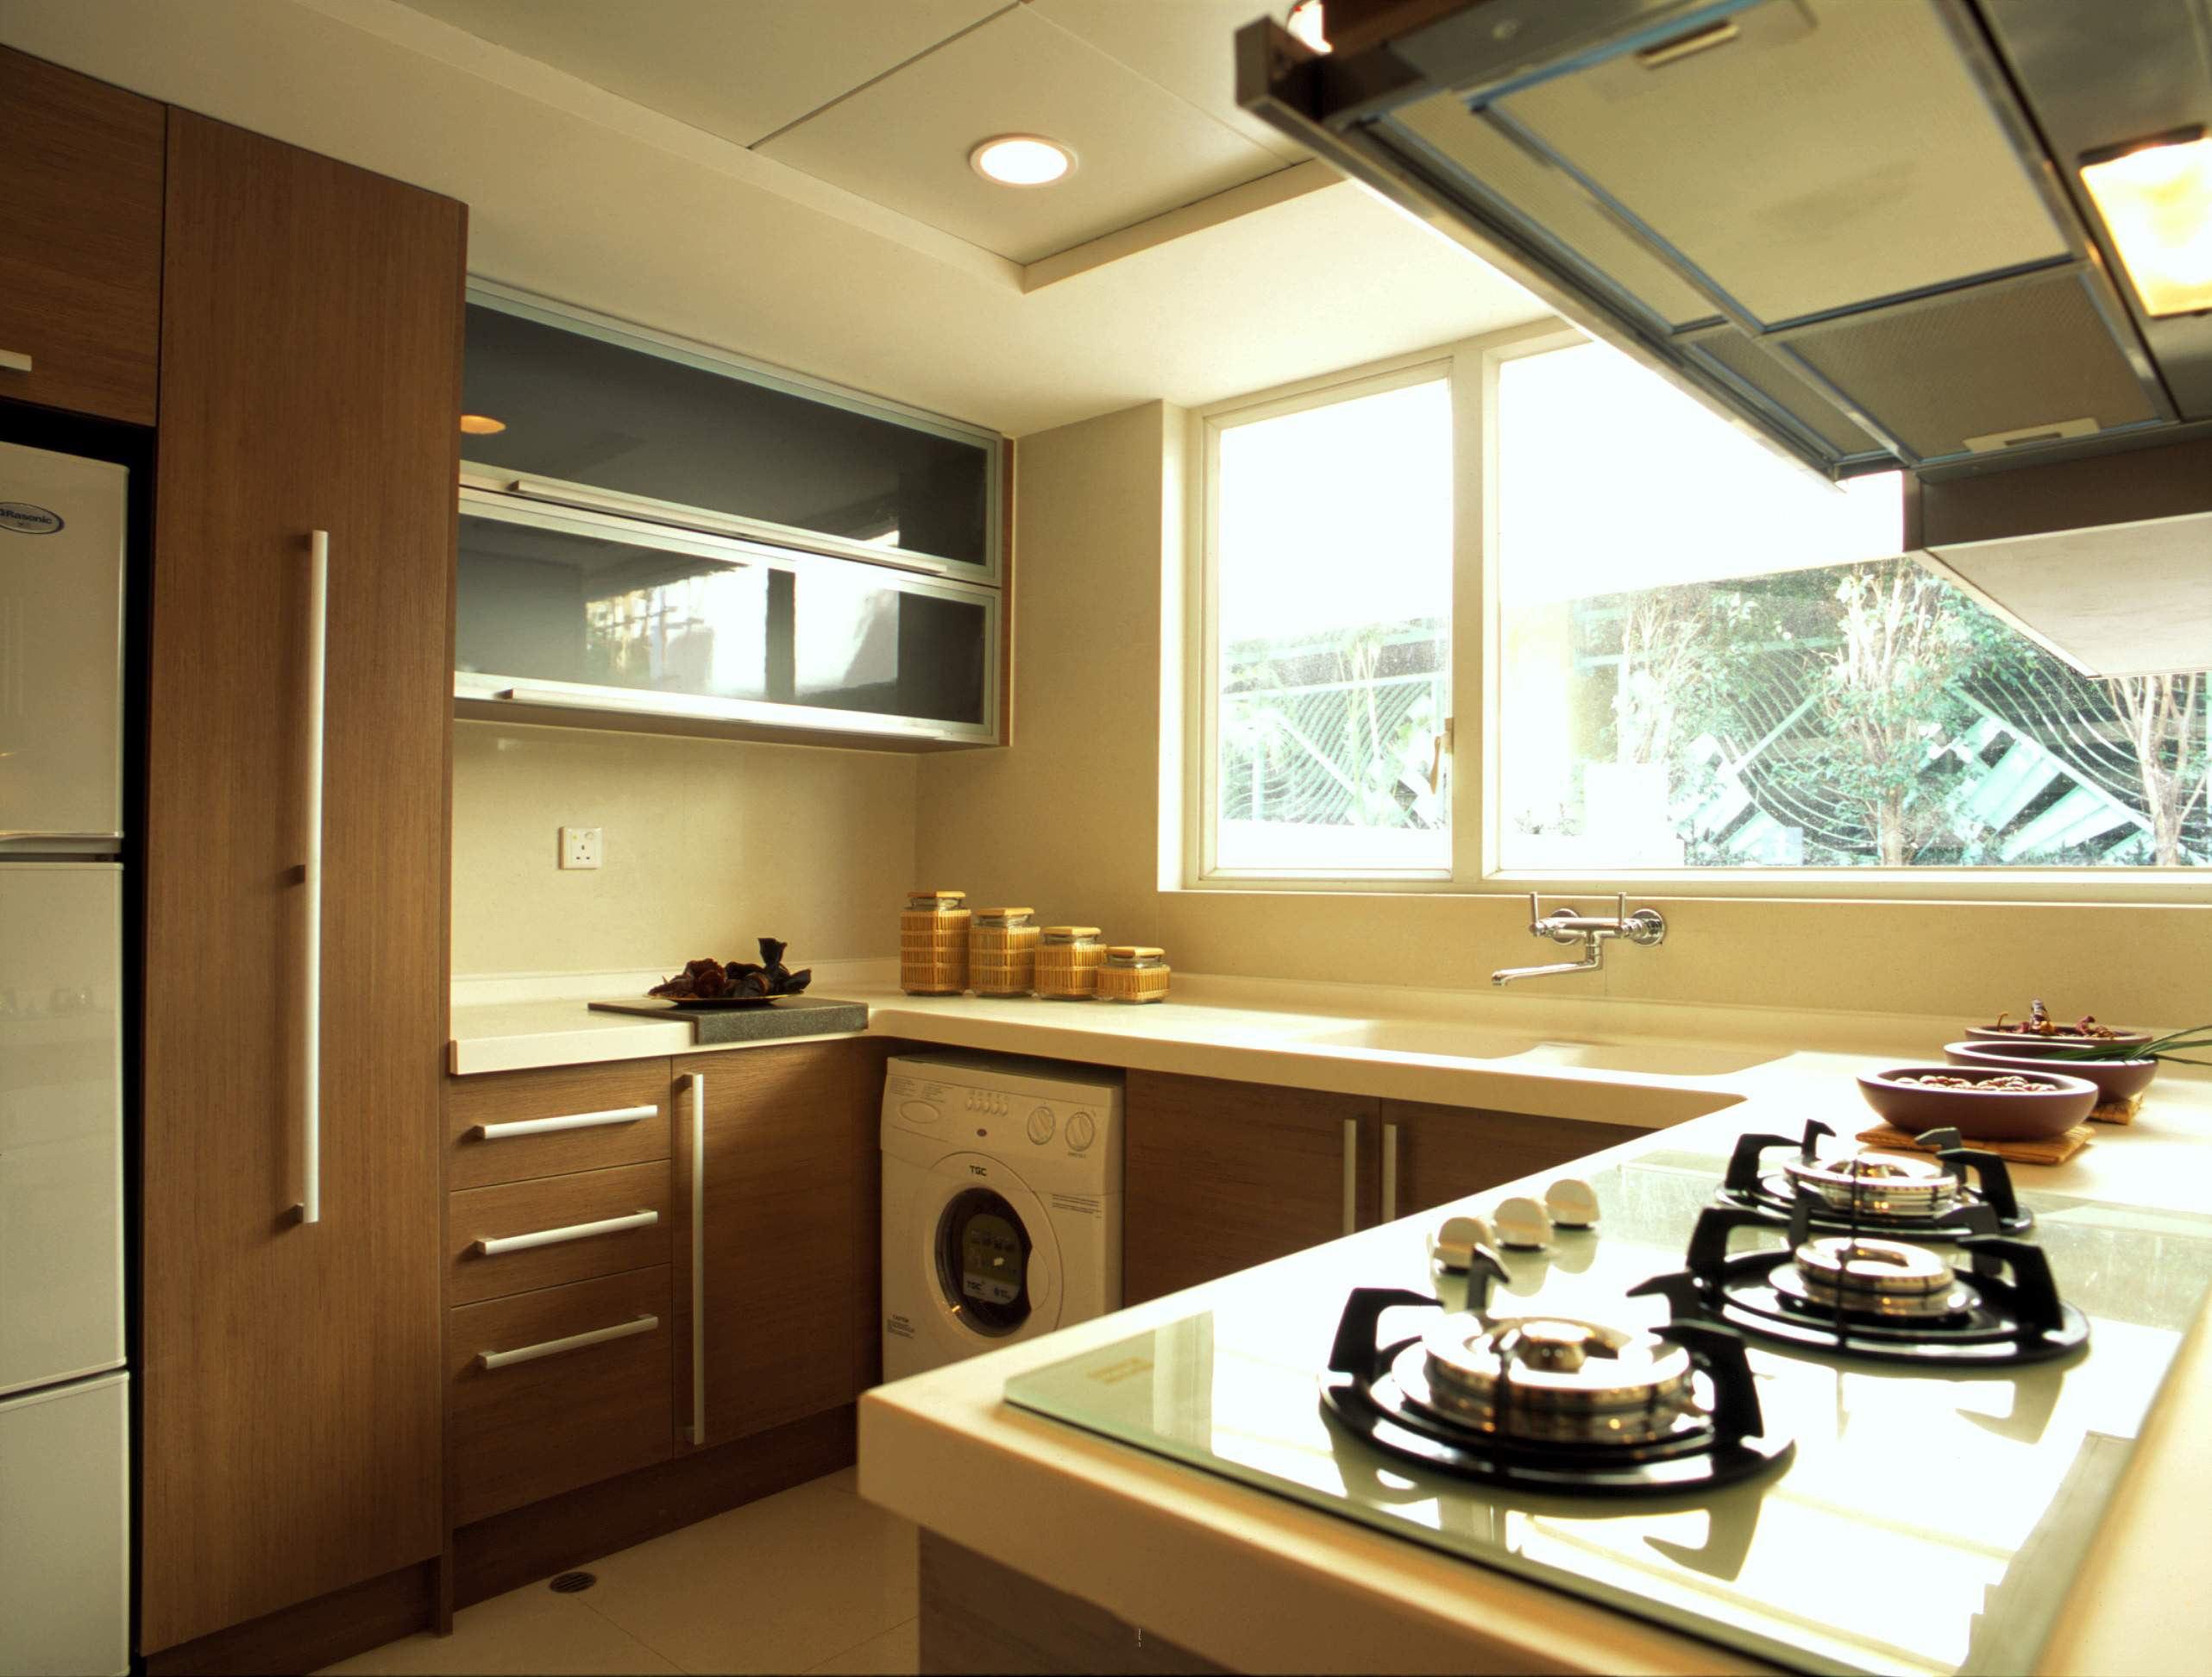 东南亚风格厨房设计装潢案例图